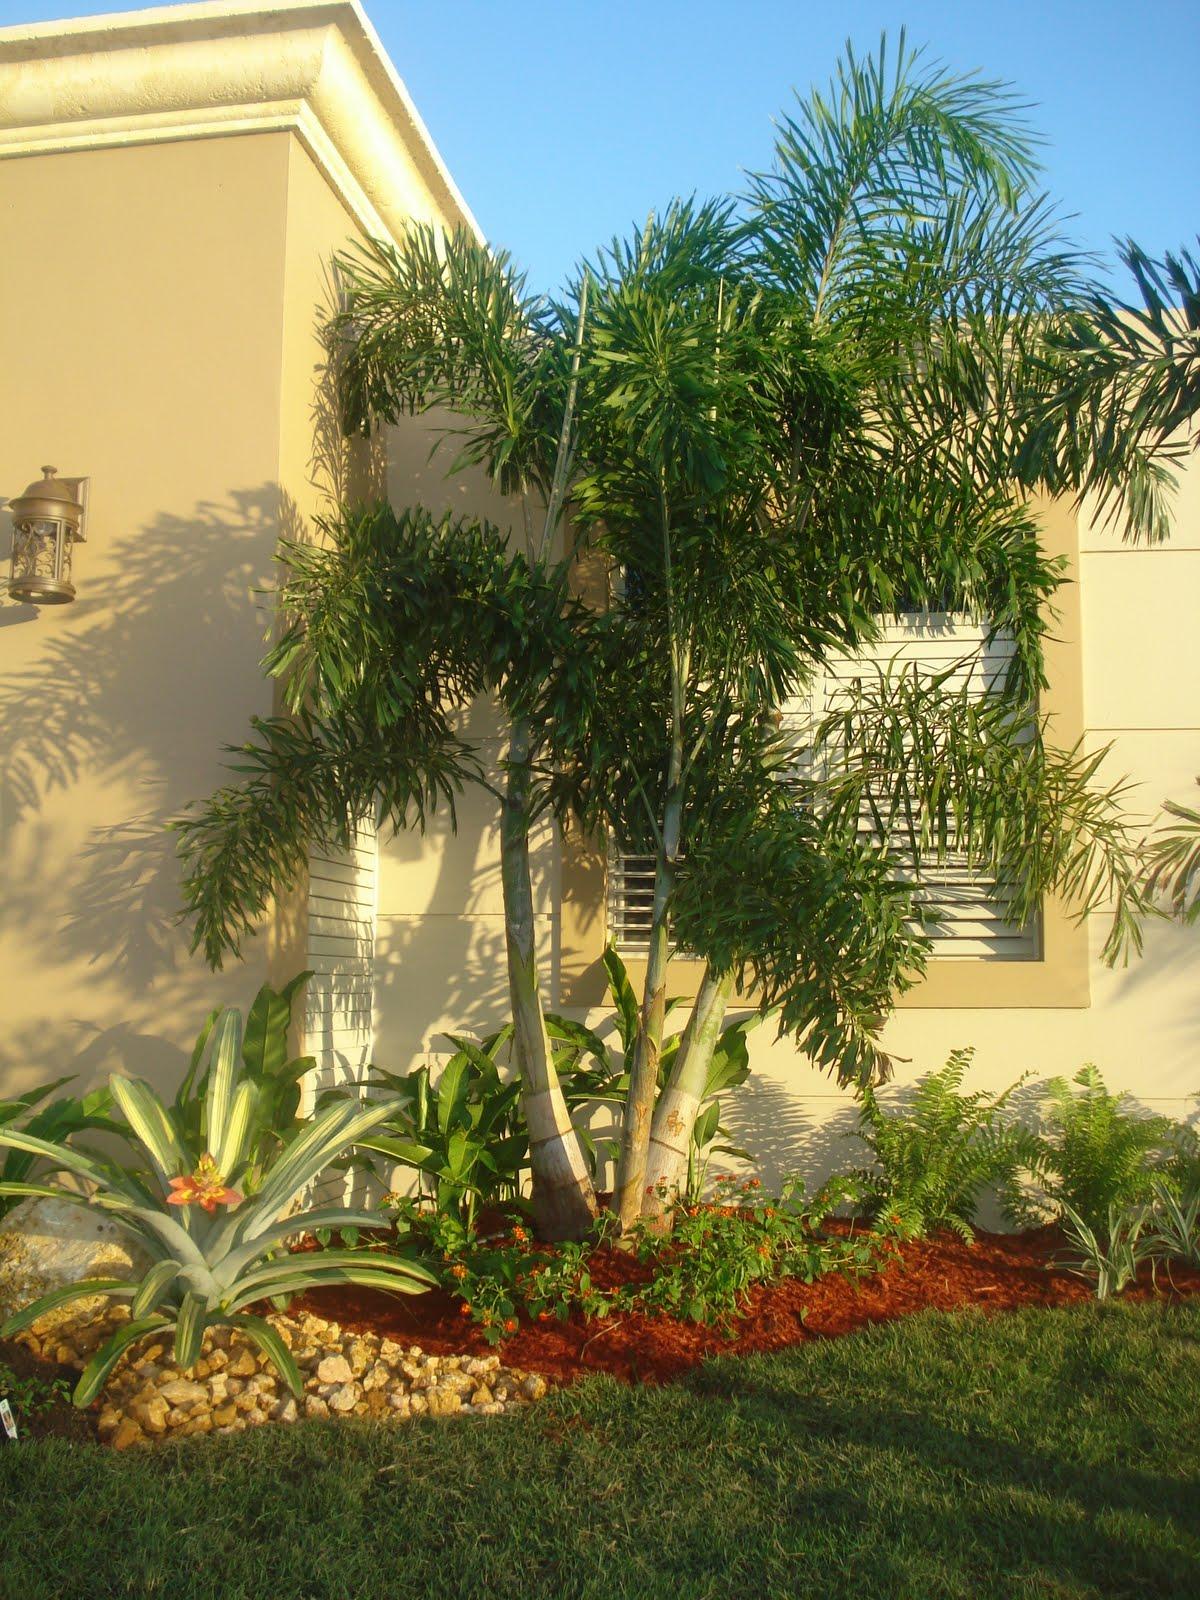 Jardines de exterior en puerto rico higuaca jardineria for Jardineria paisajista